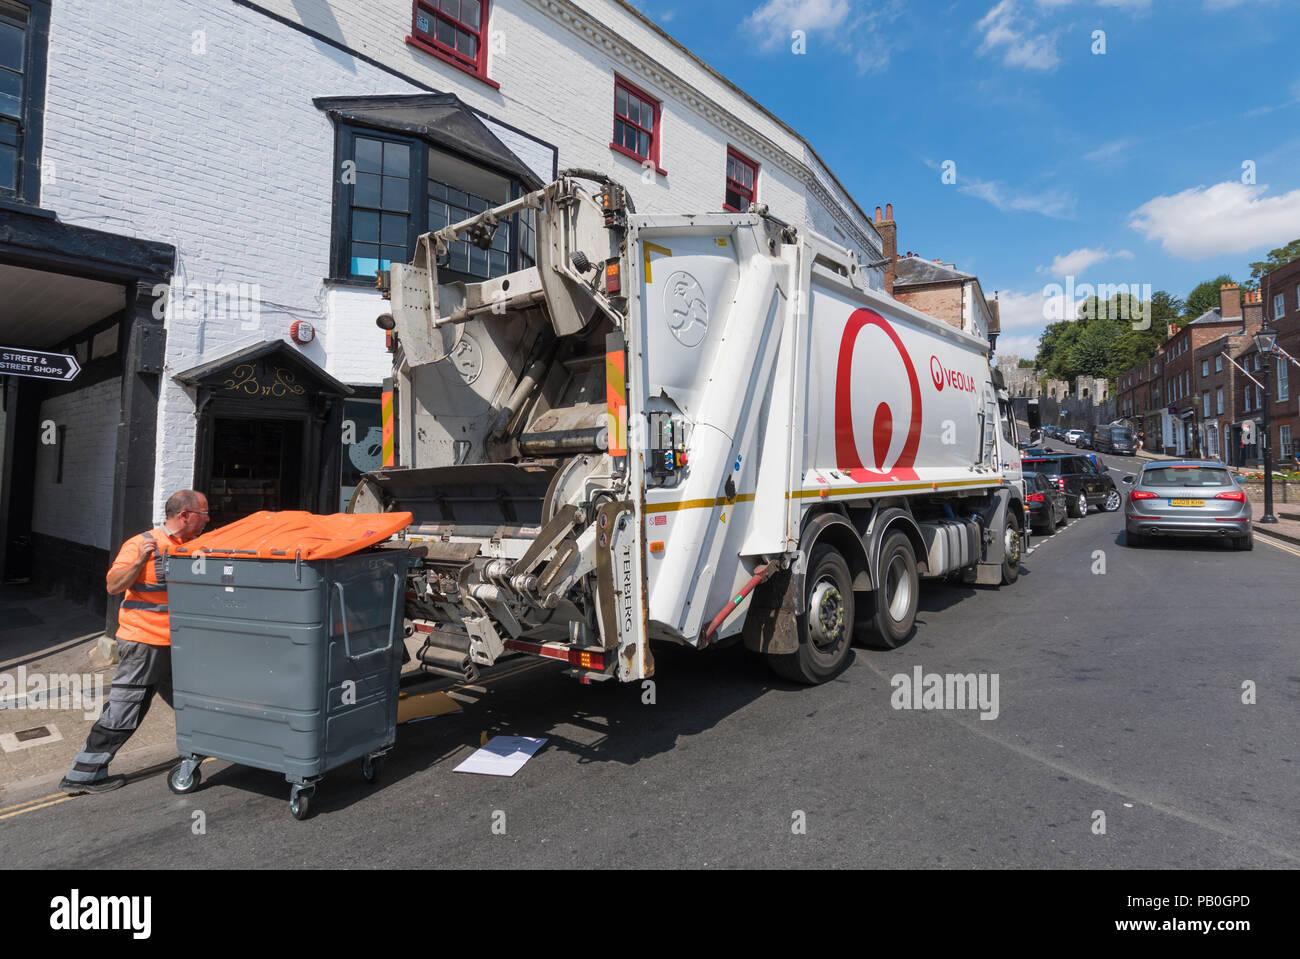 Camion Veolia devant les boutiques dans une rue principale pour la collecte des ordures dans Arundel, West Sussex, Angleterre, Royaume-Uni. Photo Stock